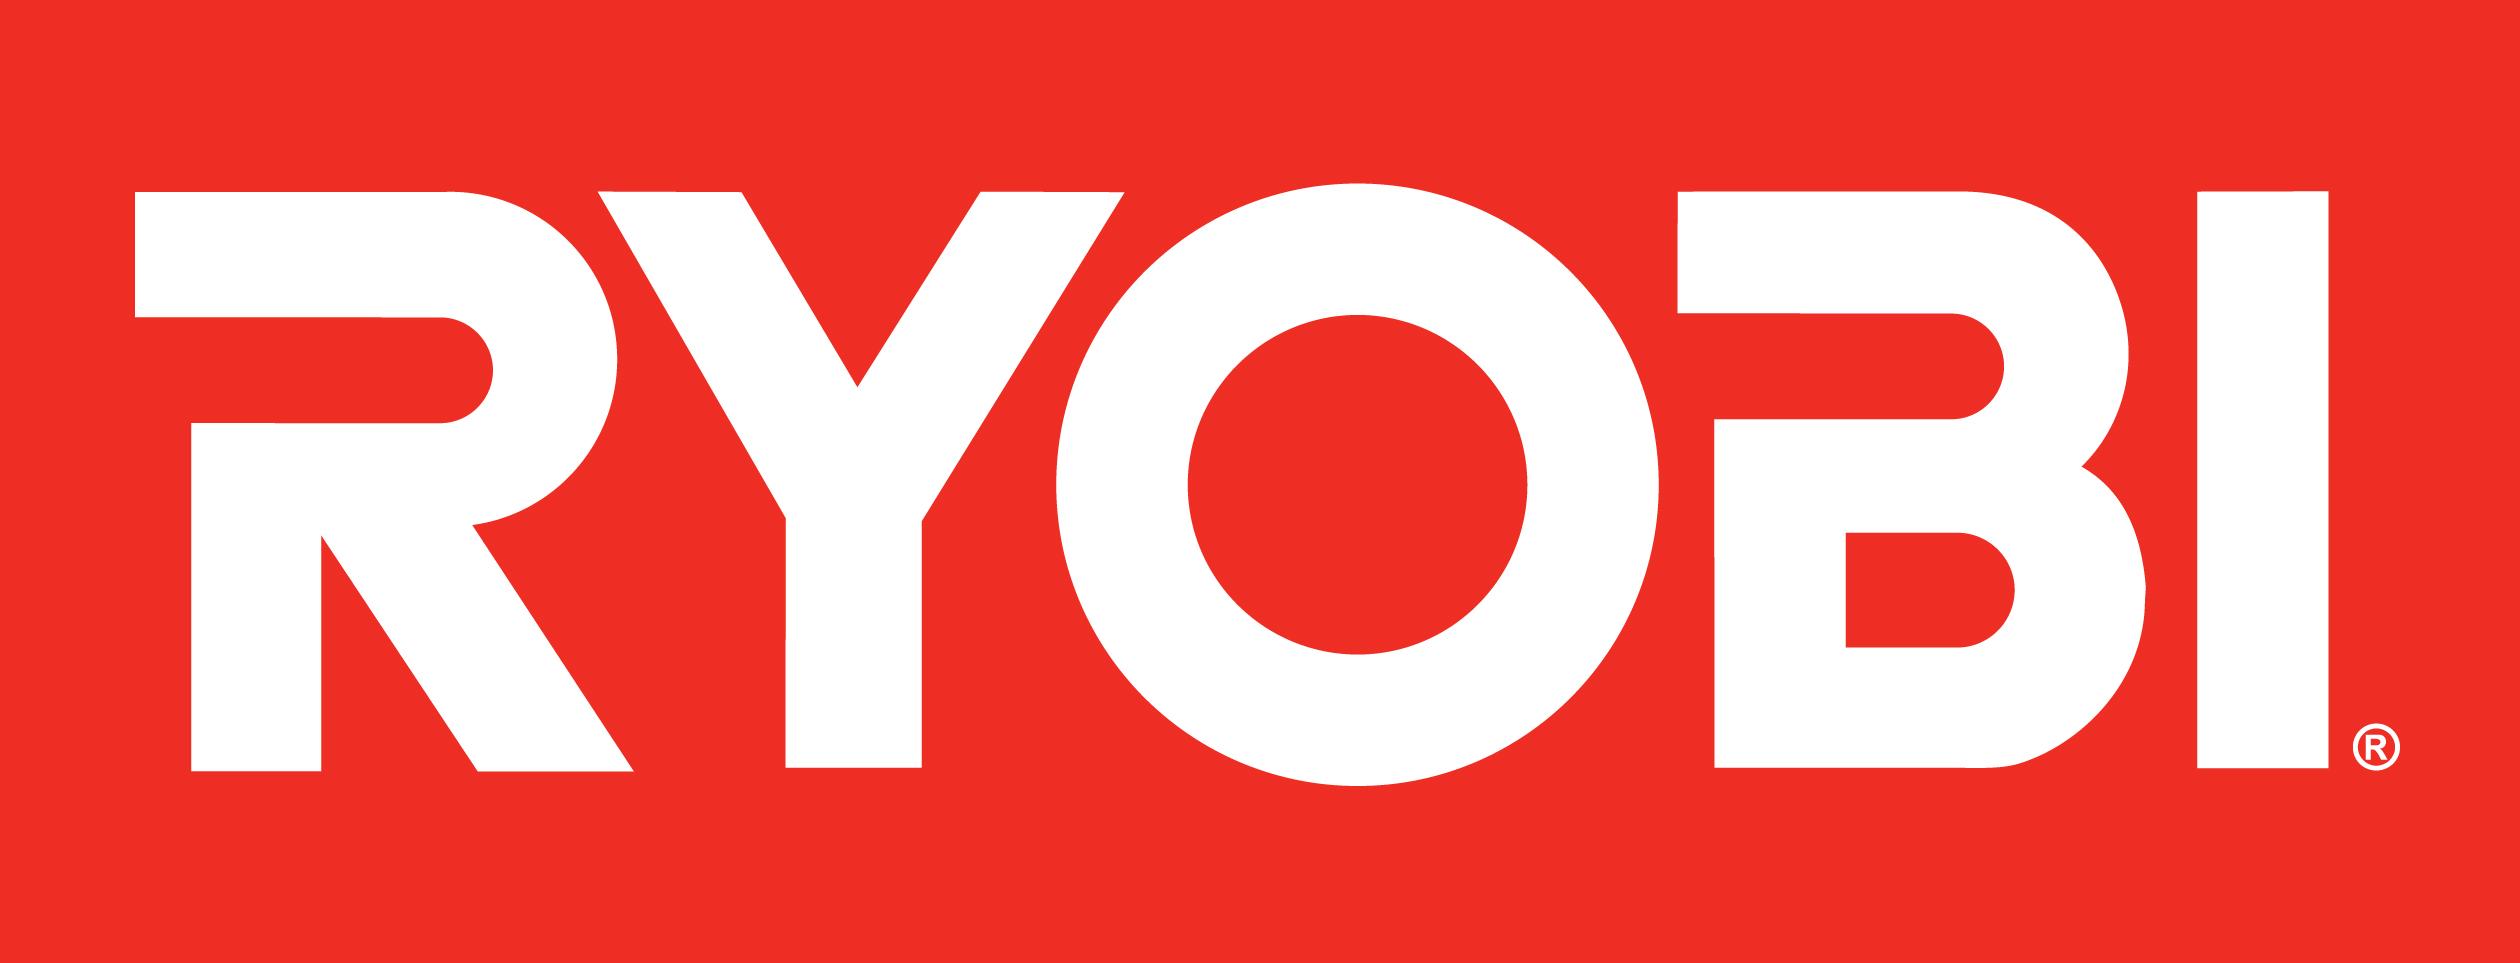 ryobi-logo1